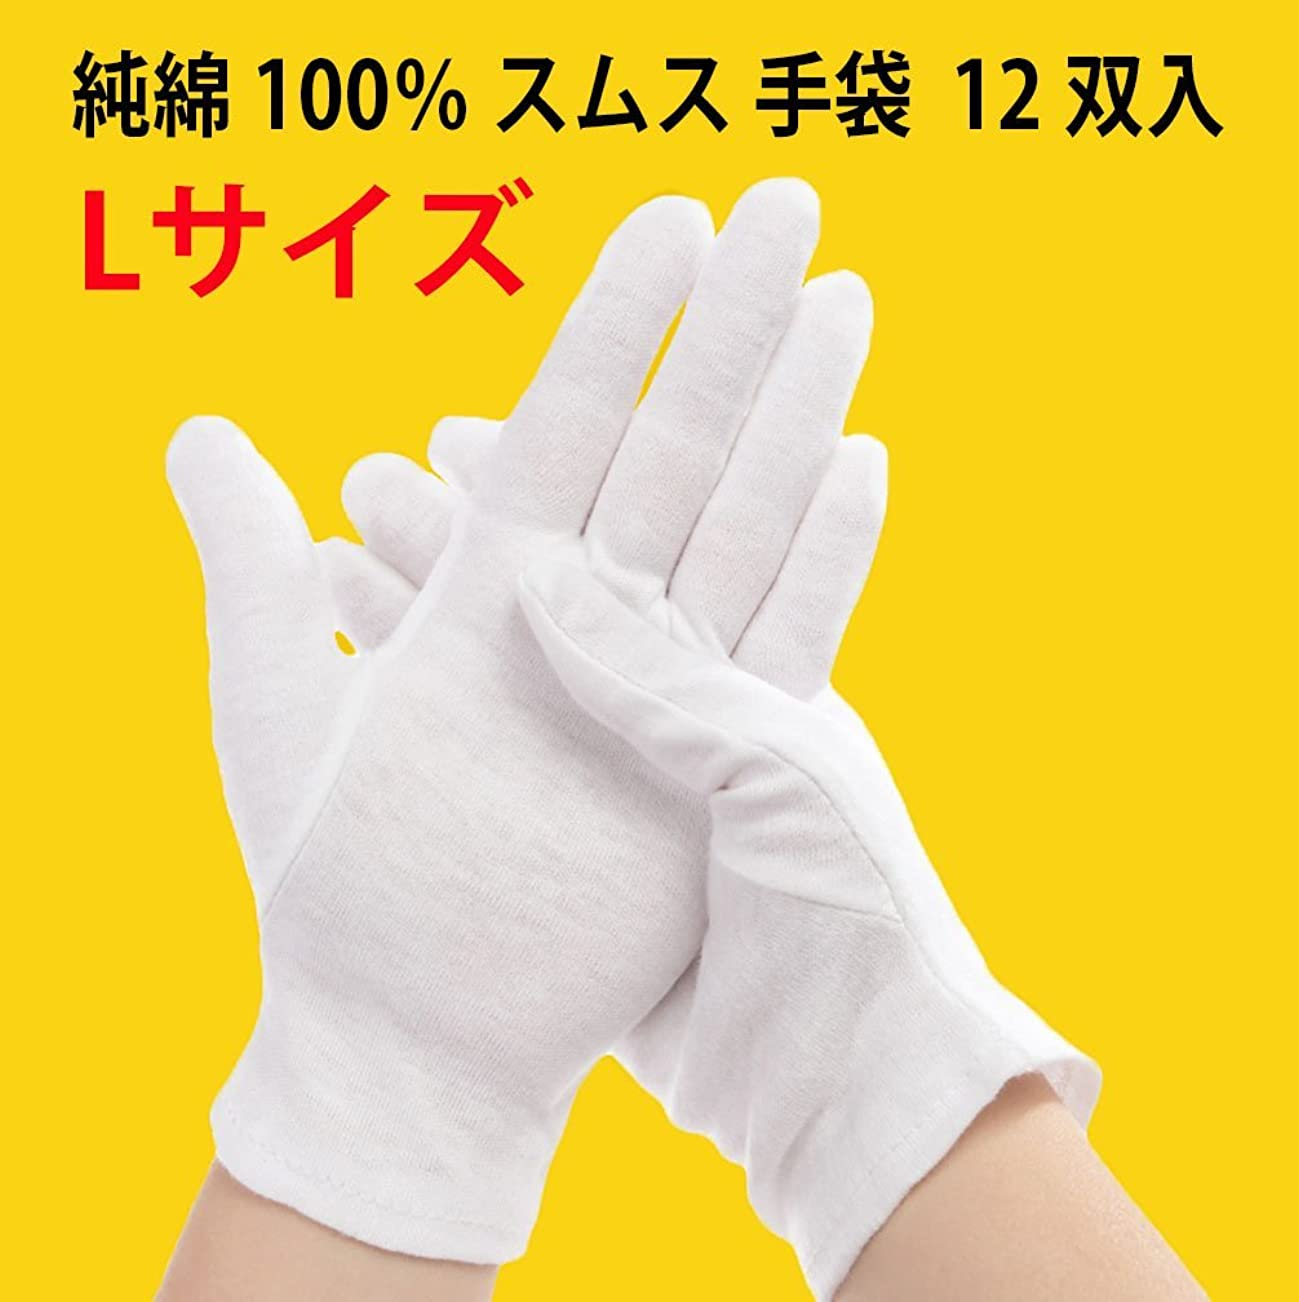 大いに機転祝福する純綿100% スムス 手袋 Lサイズ 12双 大人用 多用途 101117